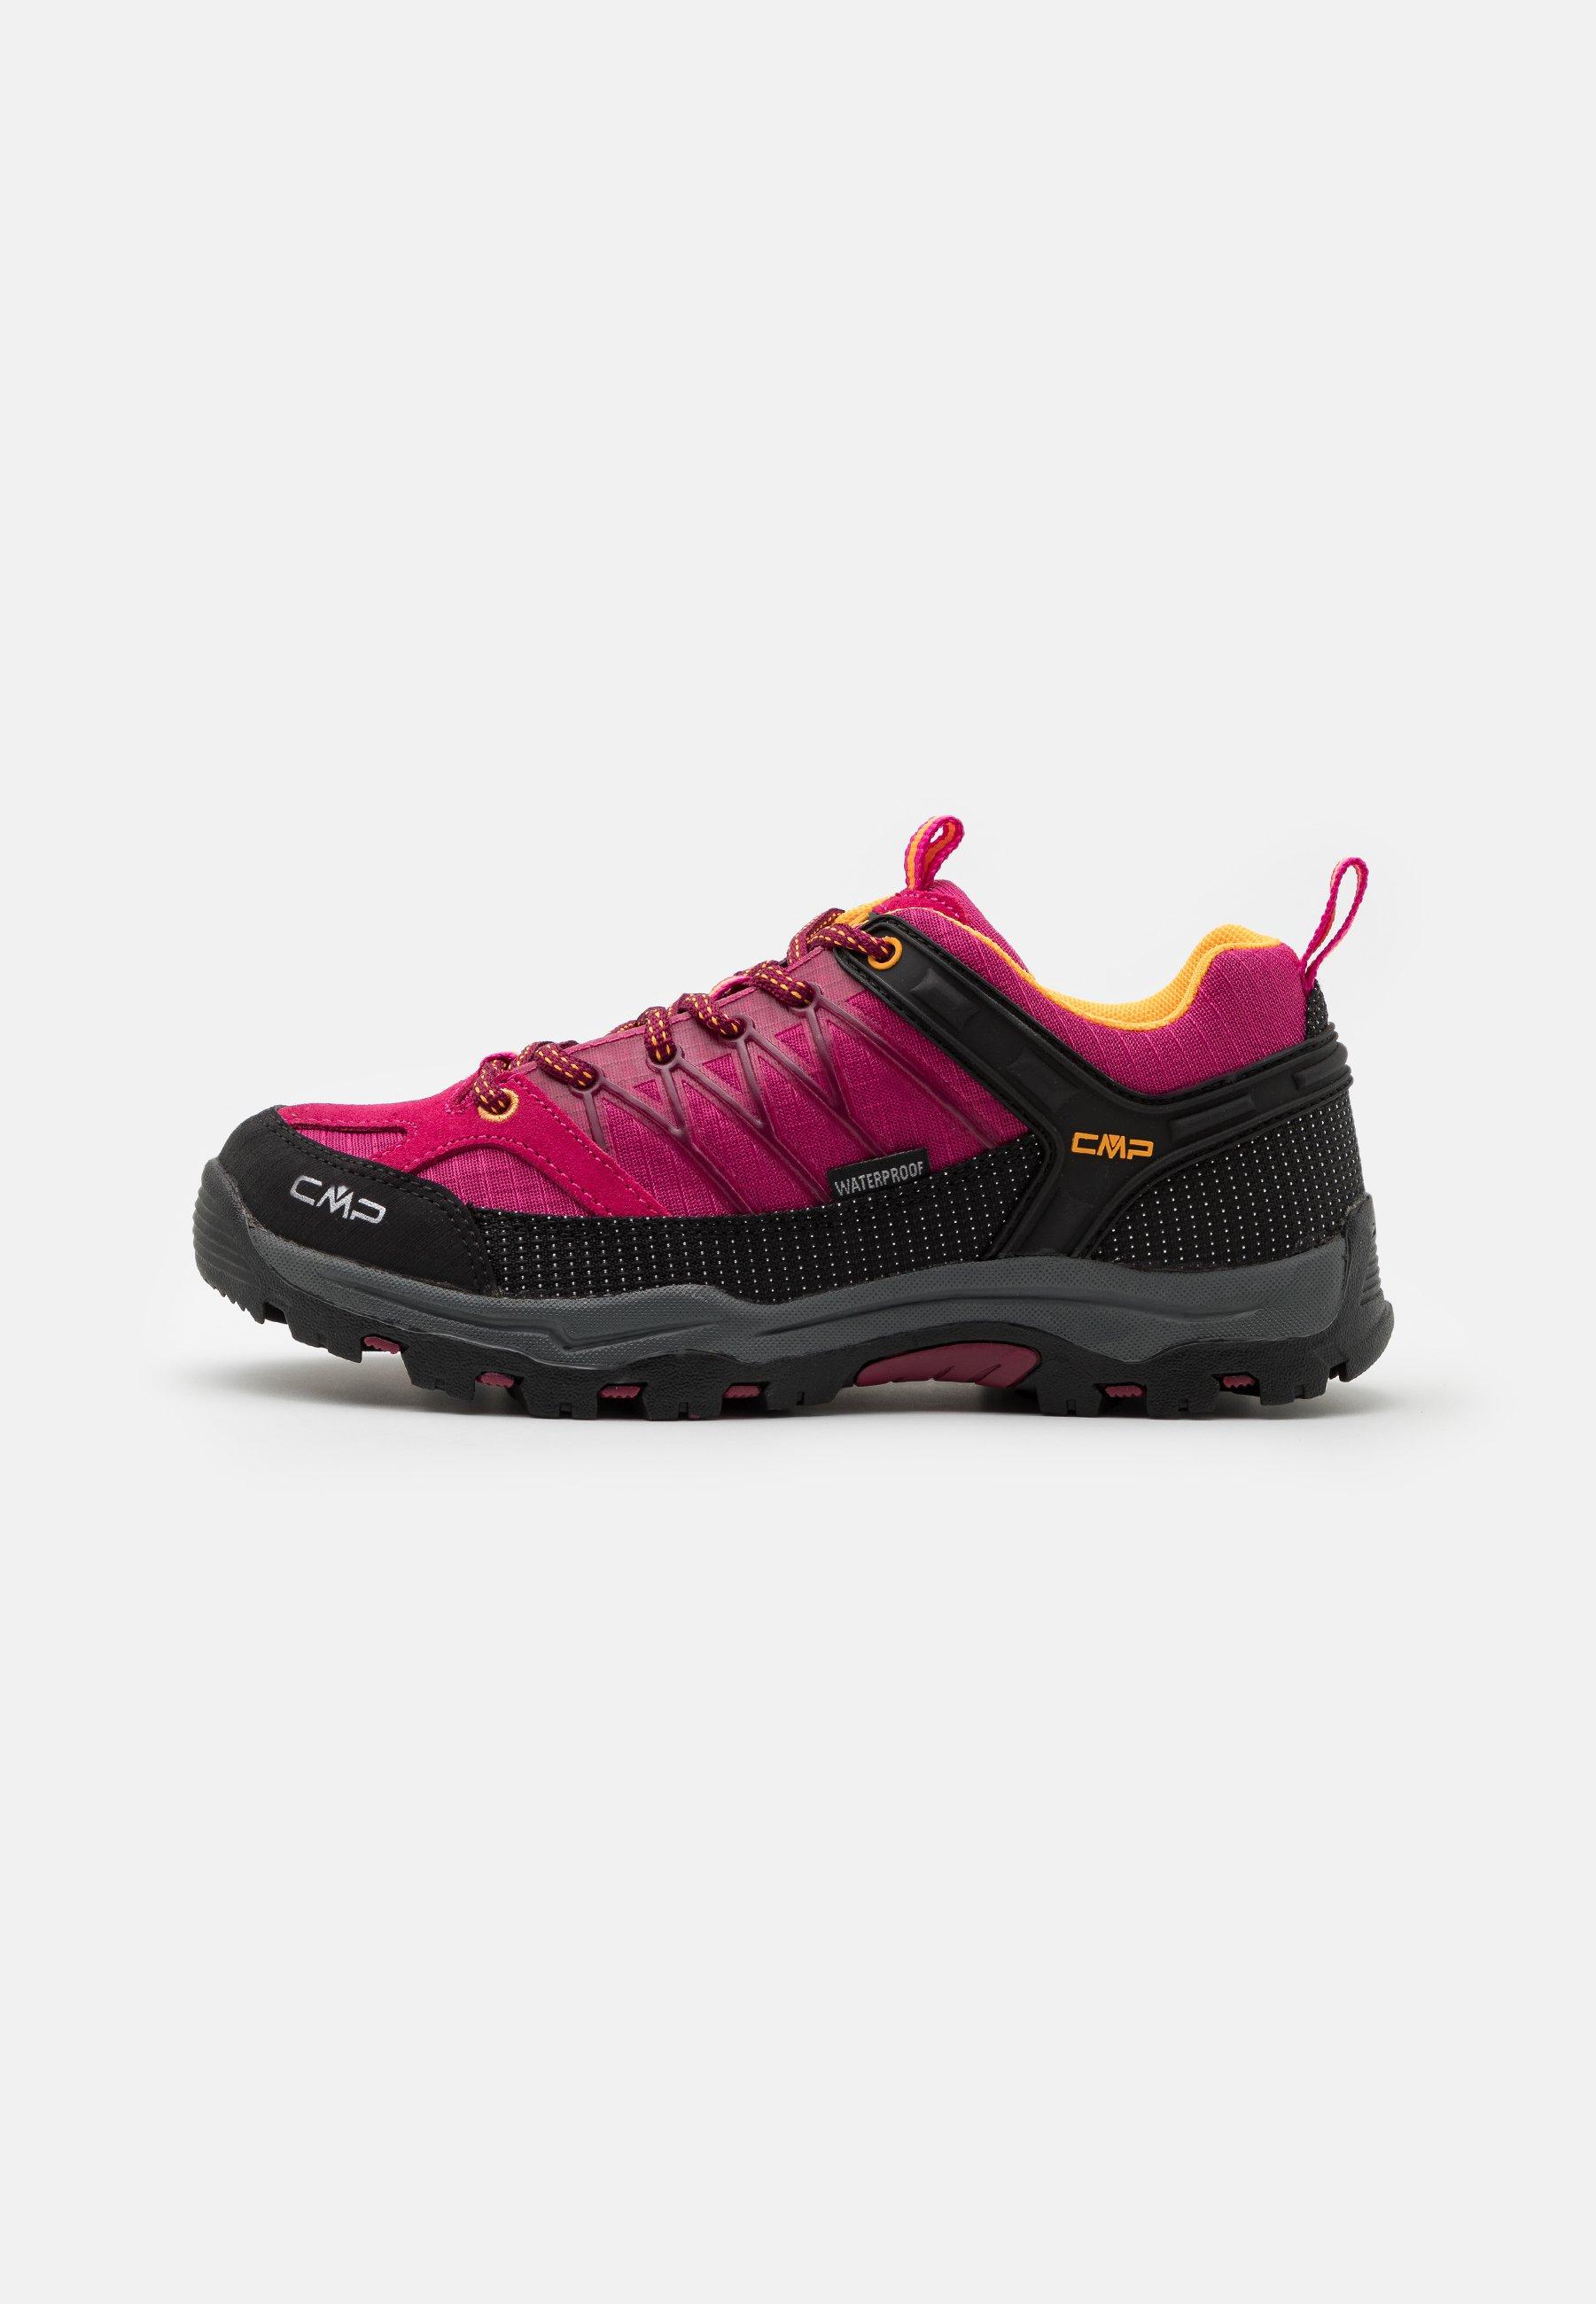 Enfant KIDS RIGEL LOW SHOE WP UNISEX - Chaussures de marche